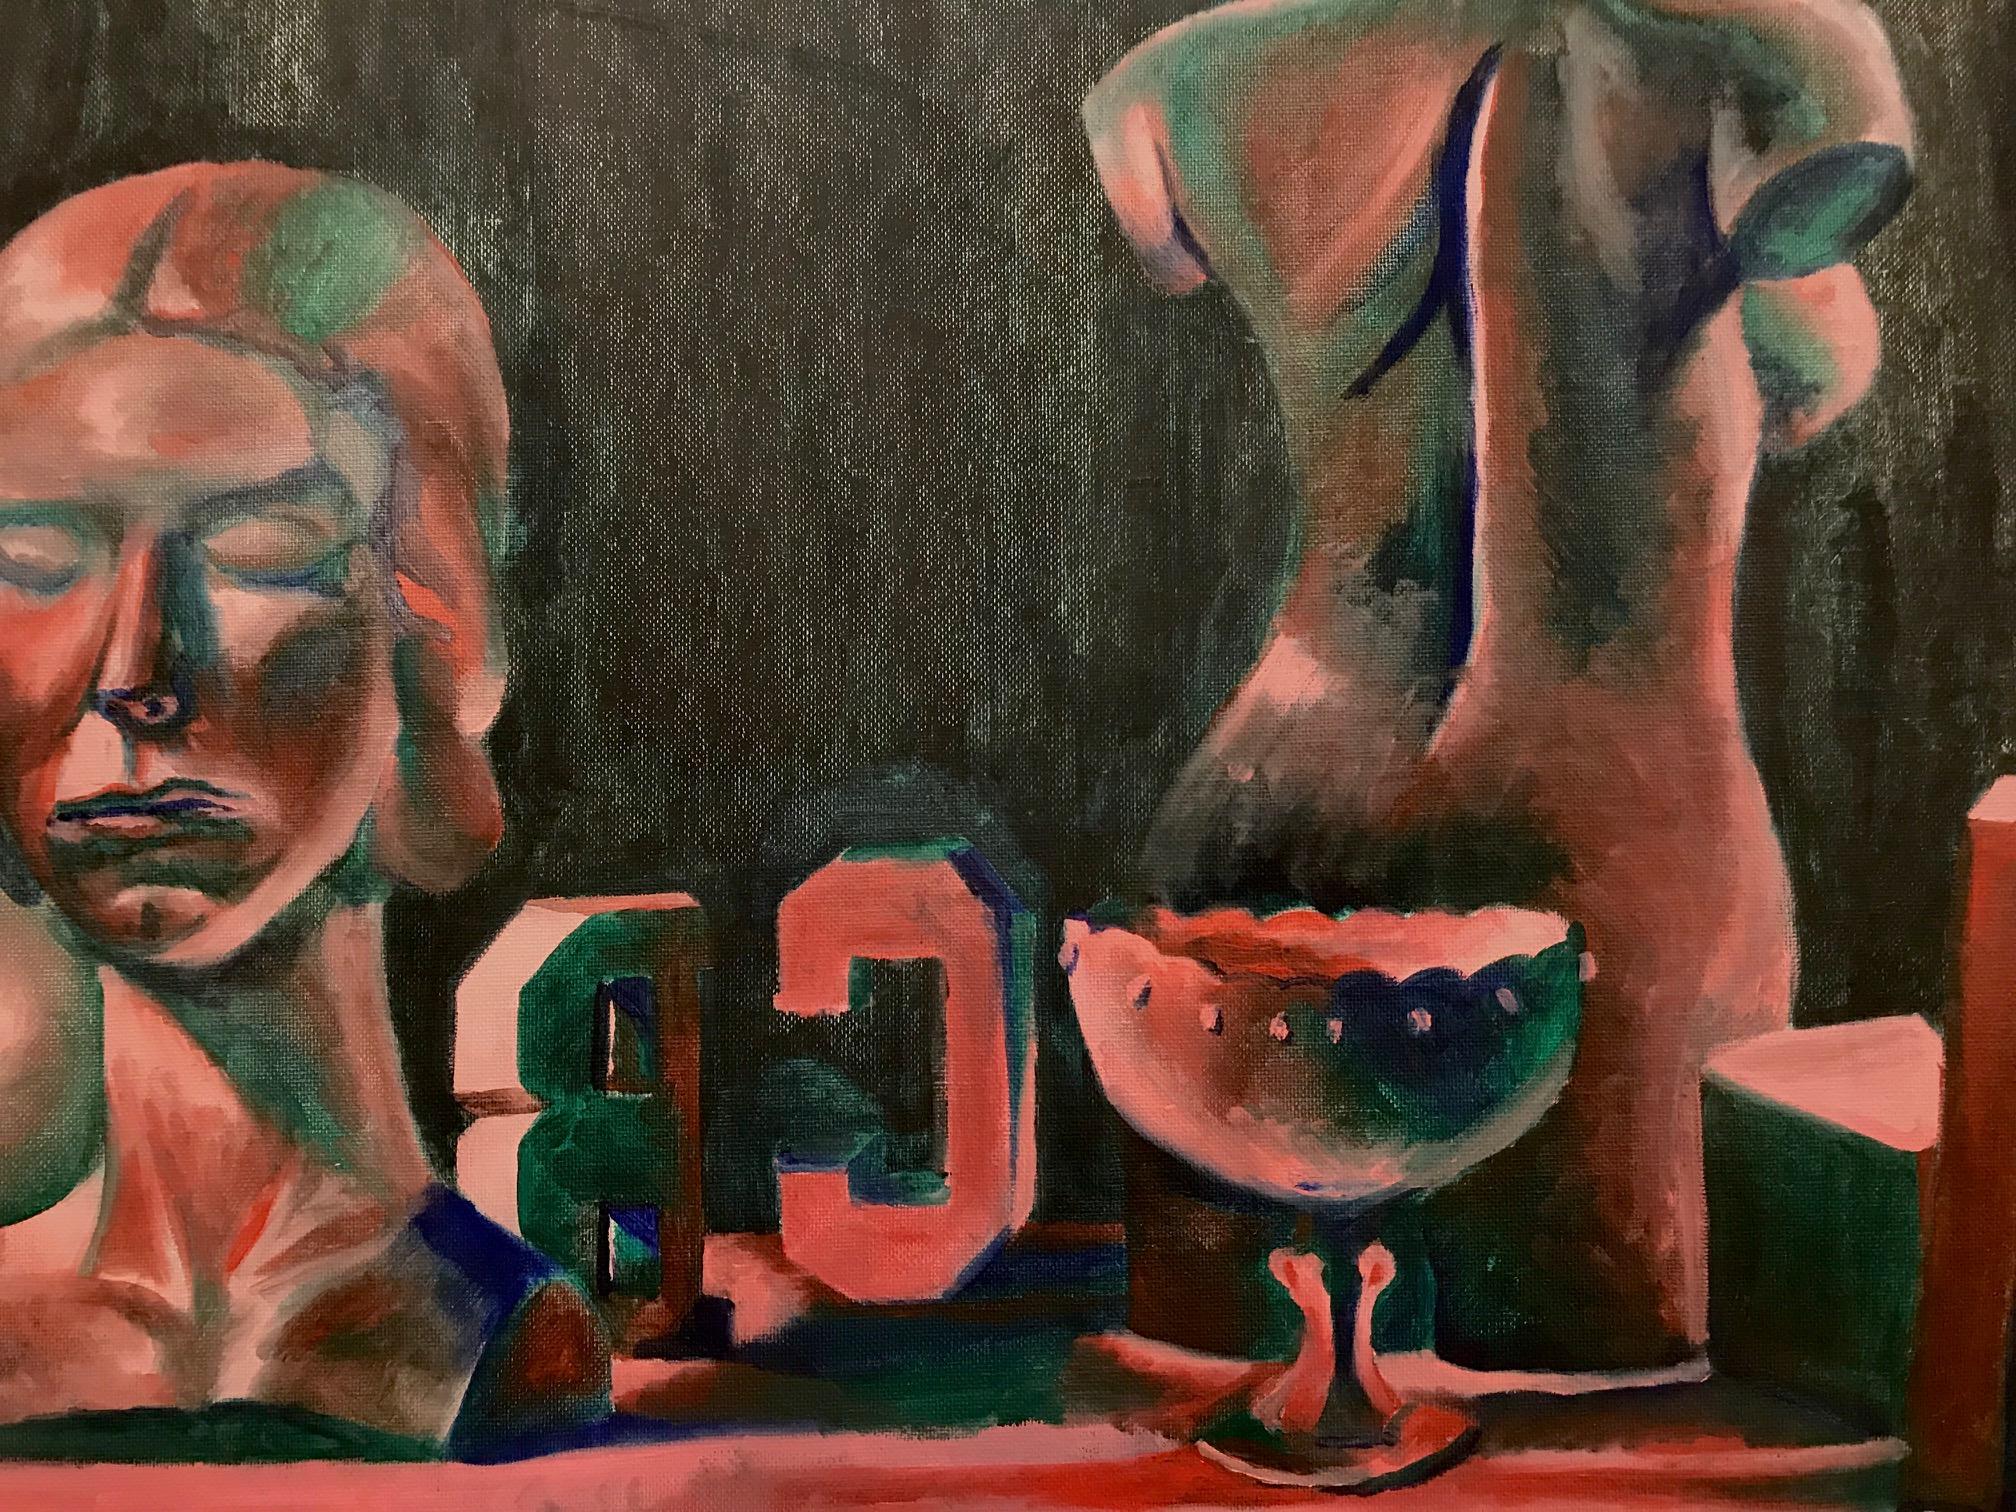 FFAW December Student Showcase 2017 Art Work